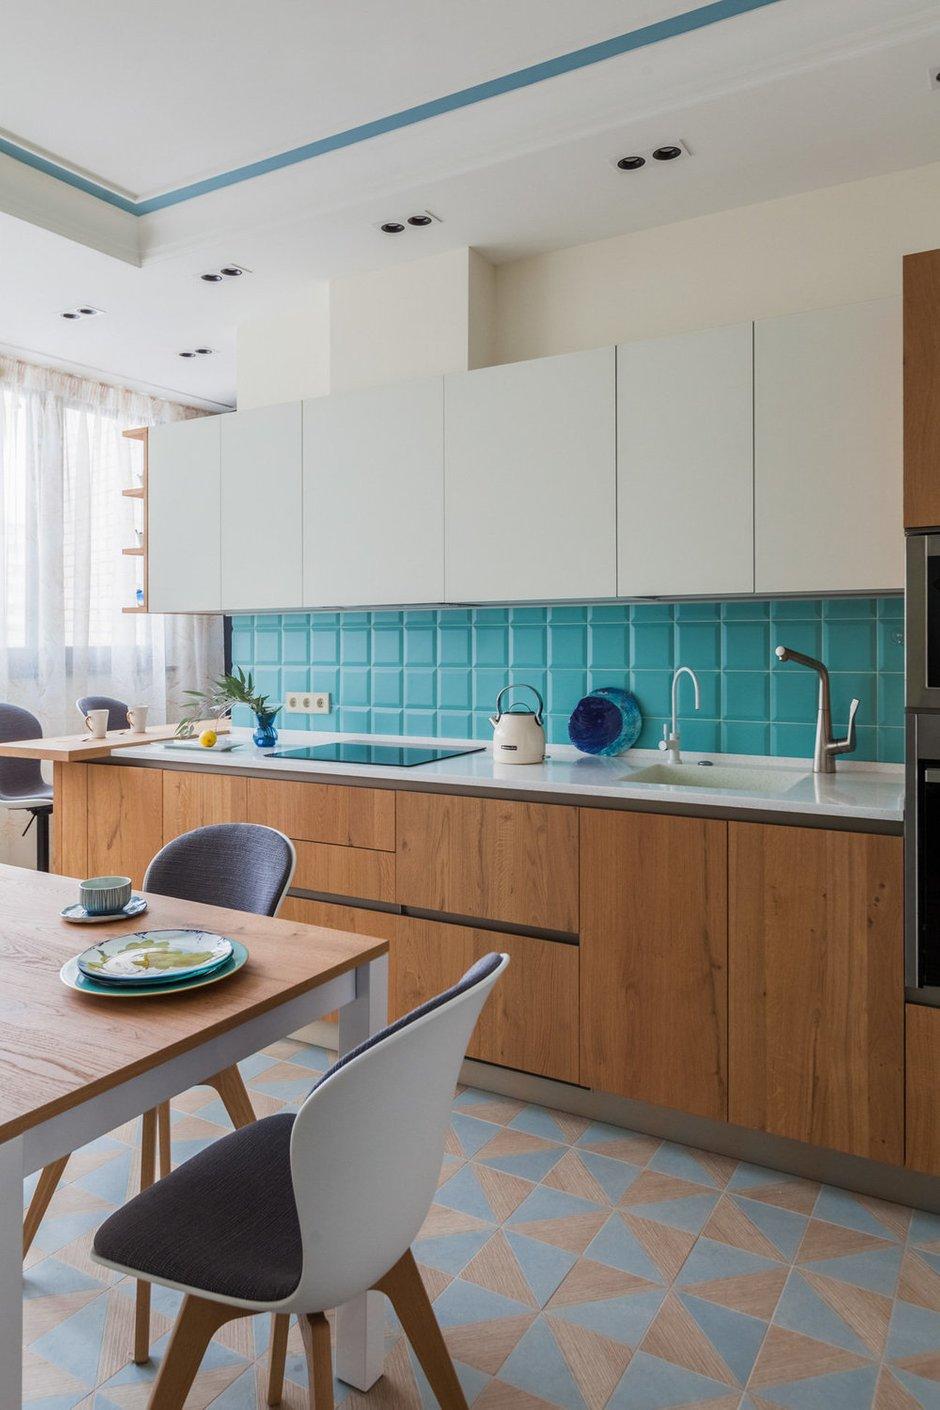 Фотография: Кухня и столовая в стиле Современный, Квартира, Проект недели, Москва, 2 комнаты, 60-90 метров, Виктория Скоробогатько – фото на INMYROOM